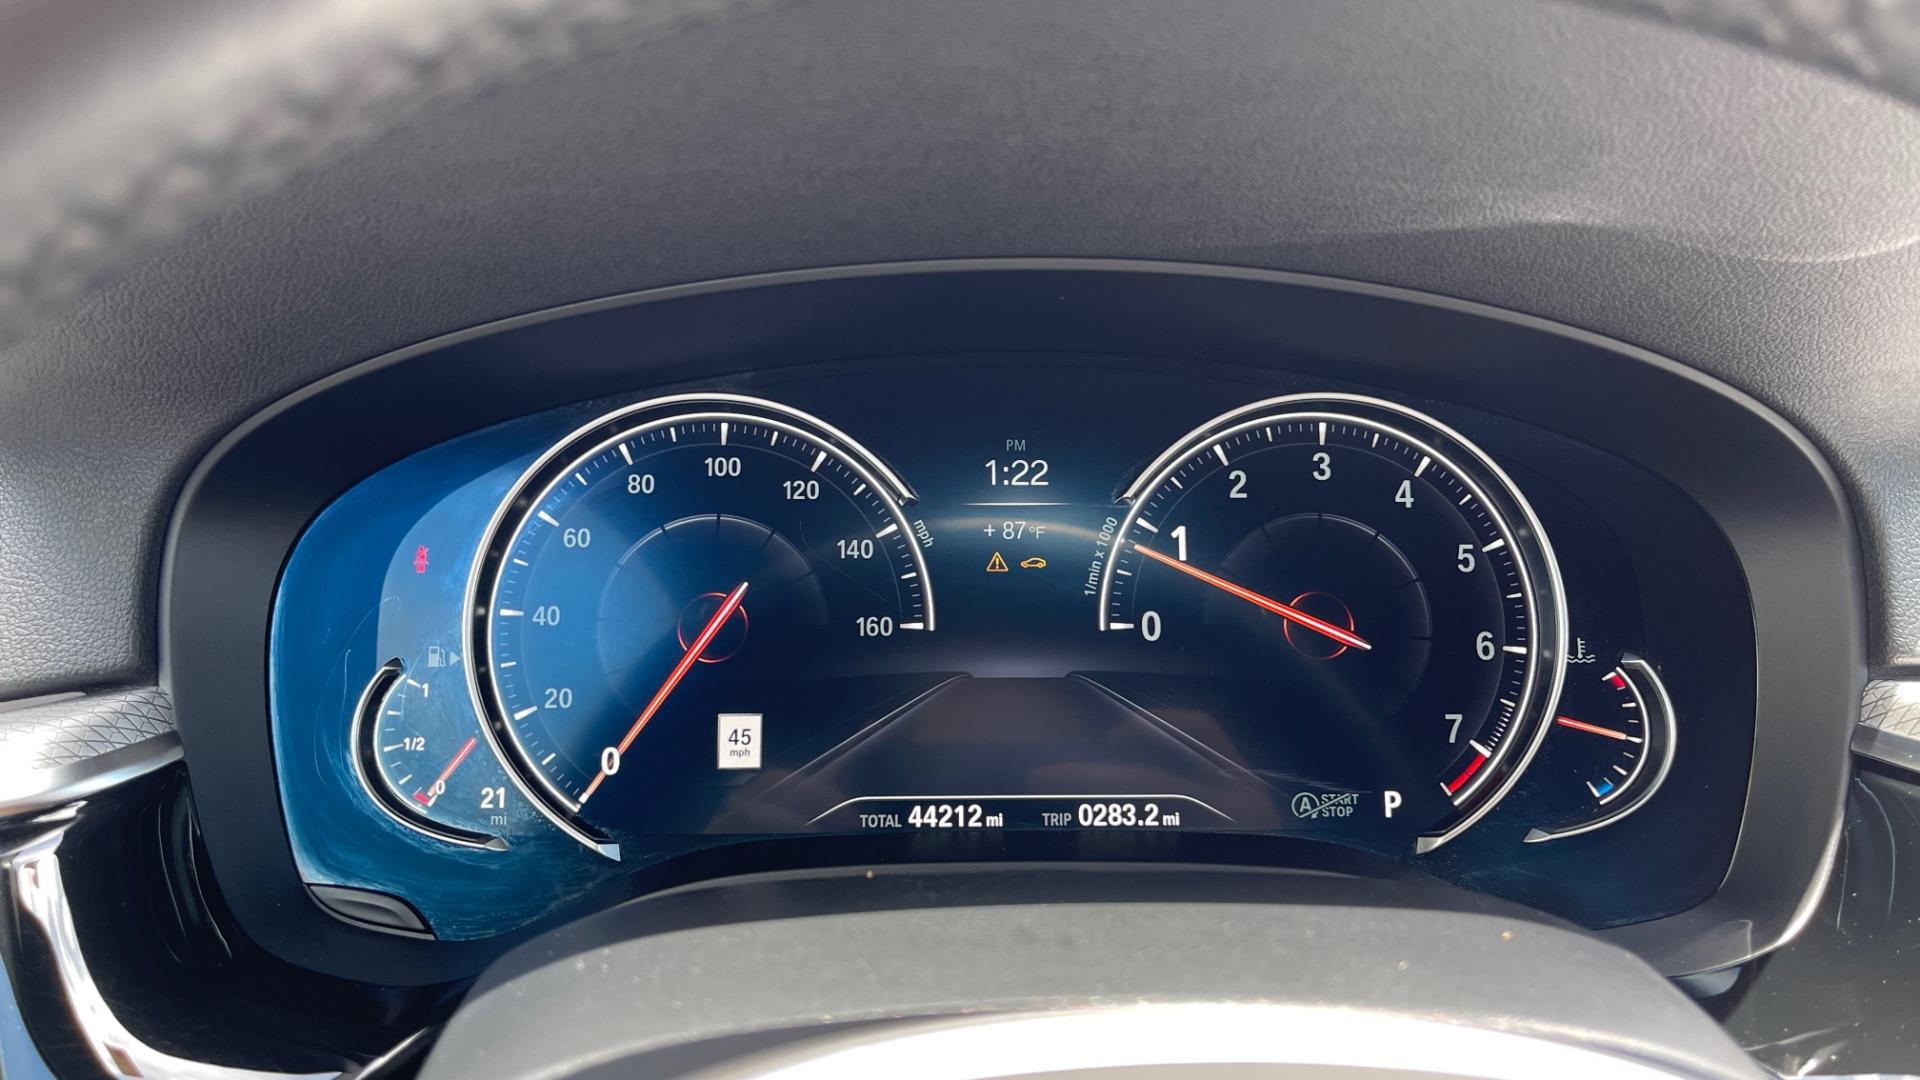 Used 2018 BMW 5 SERIES 540I M-SPORT / EXECUTIVE PKG / DRVR ASST PKG / BLIND SPOT / LANE DEPART for sale $40,995 at Formula Imports in Charlotte NC 28227 39